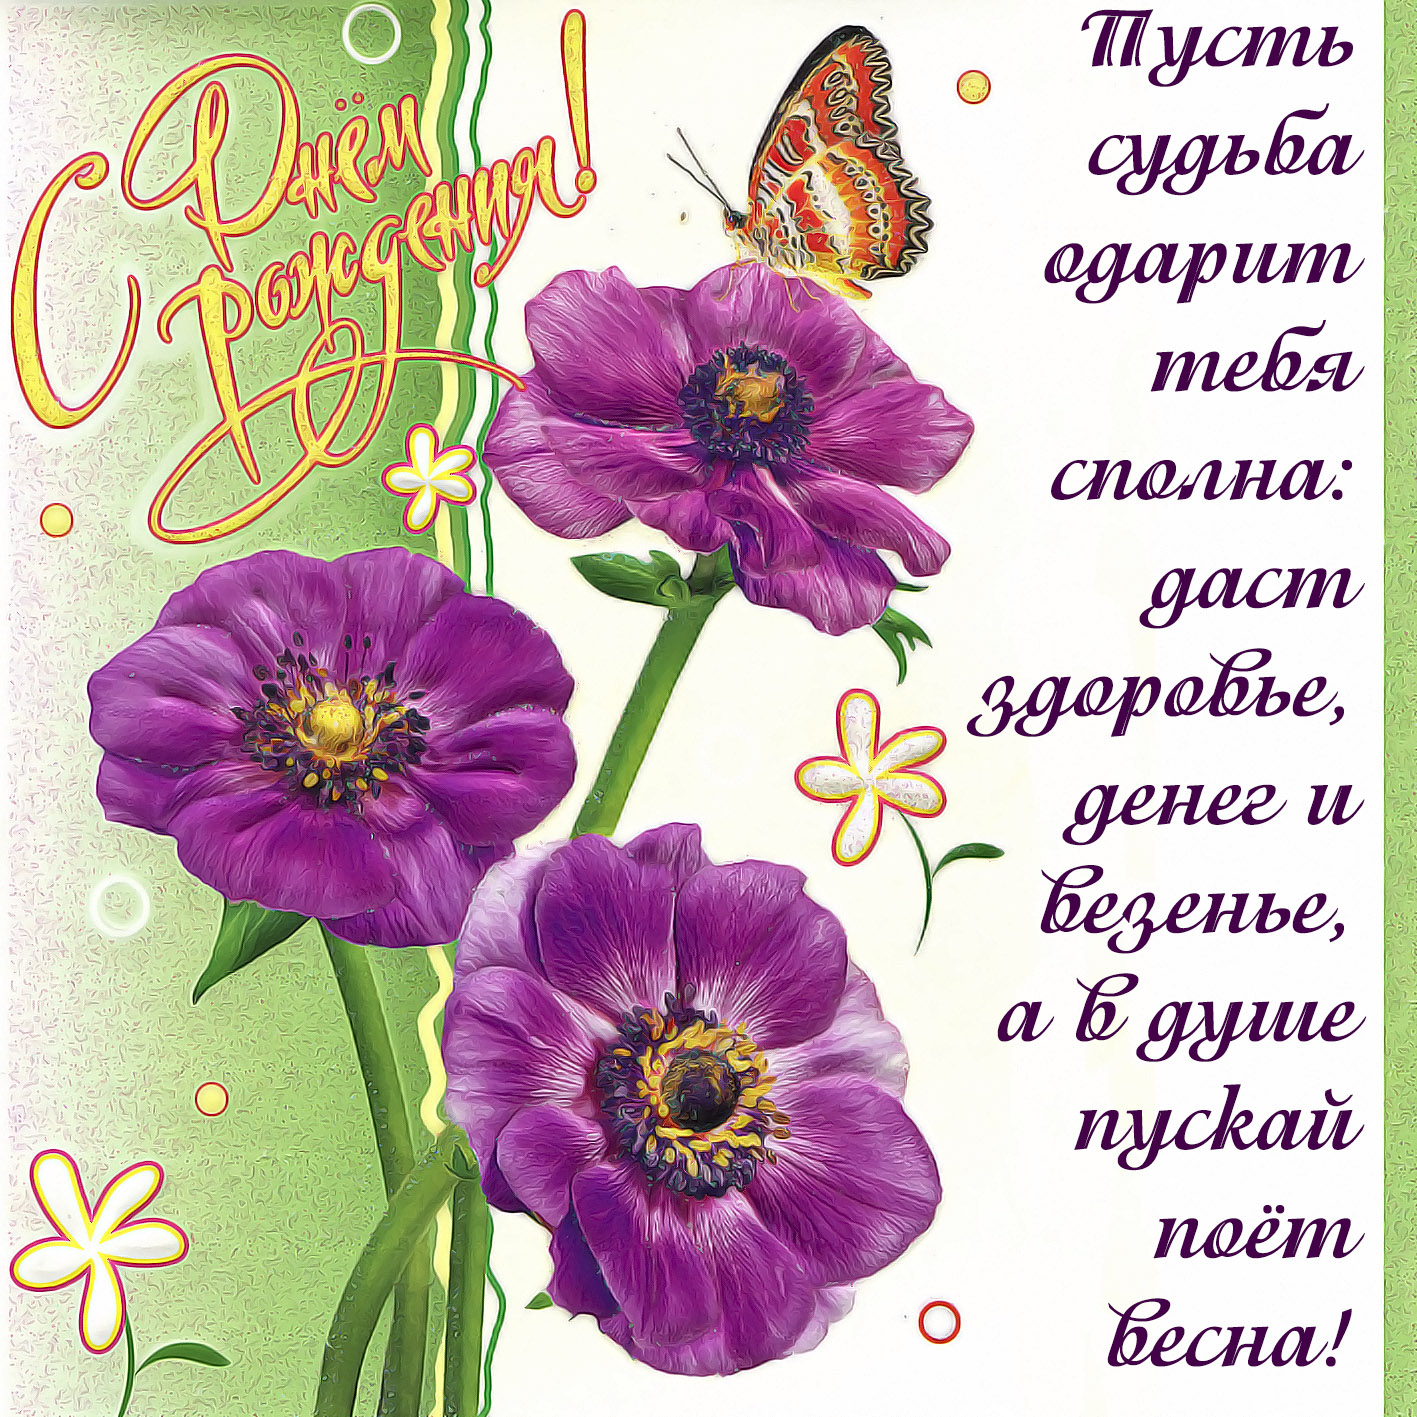 Красивая картинка с бабочкой на цветочке на День рождения